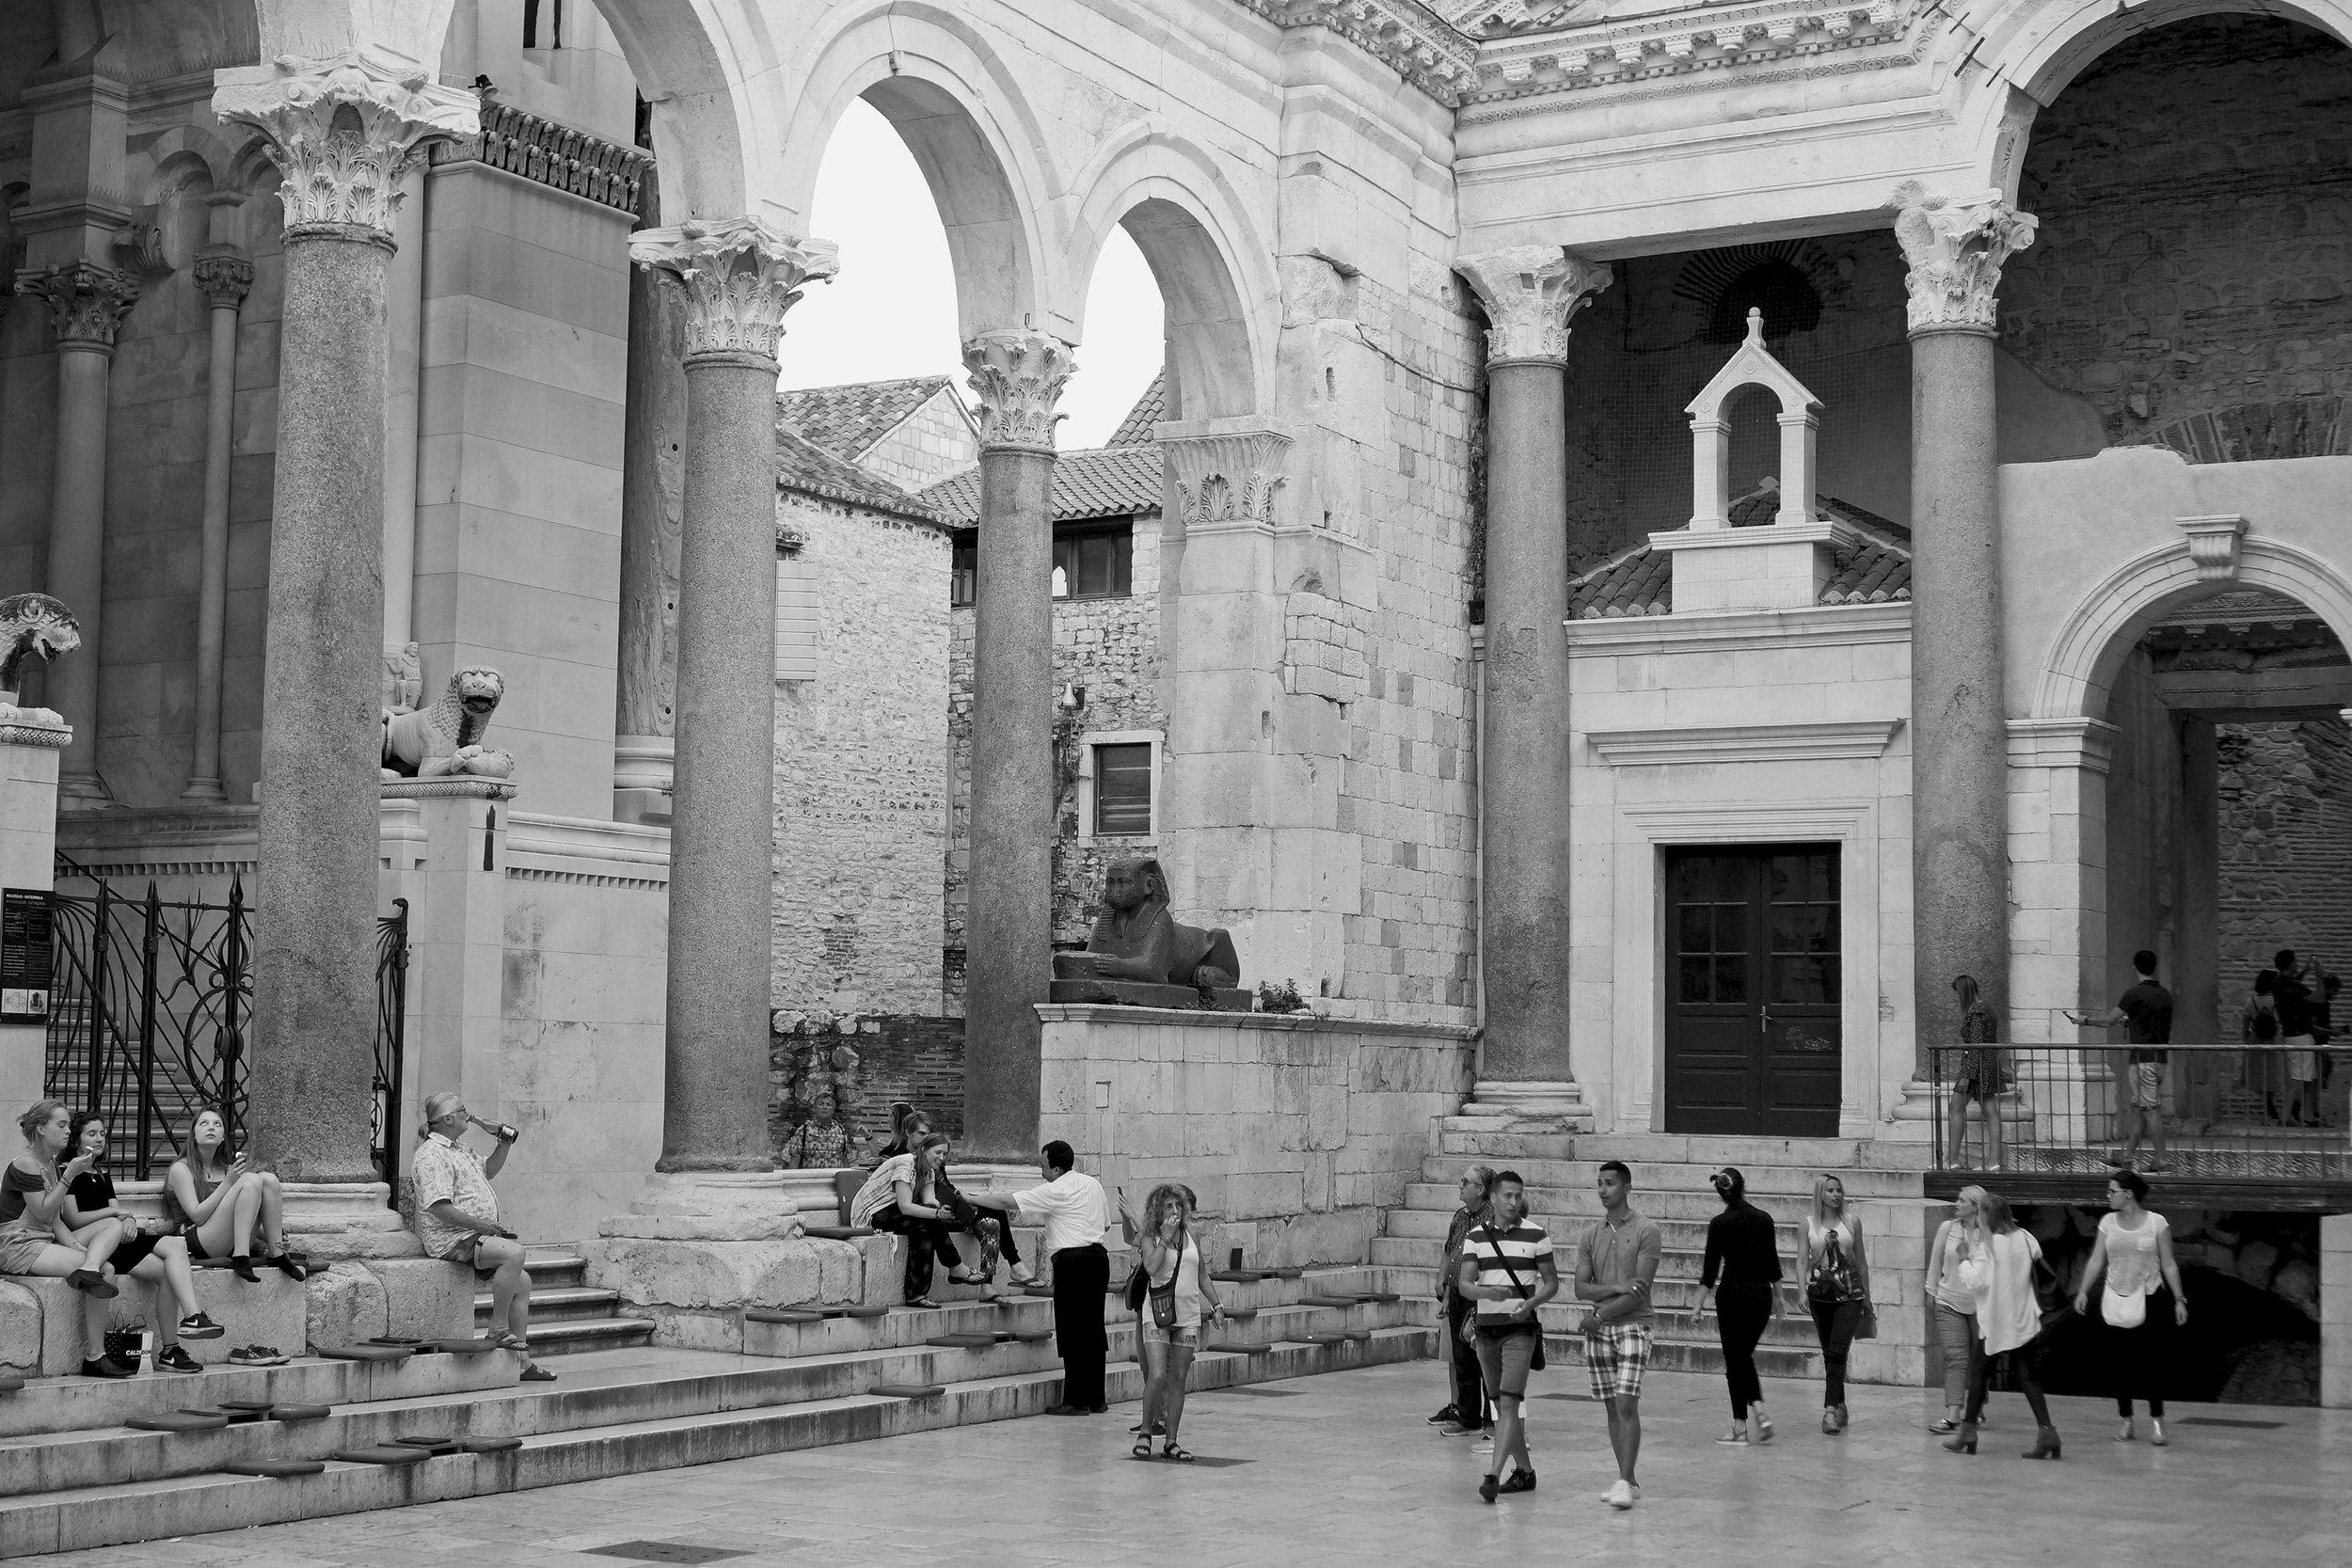 7.DiocletianB&W.jpg